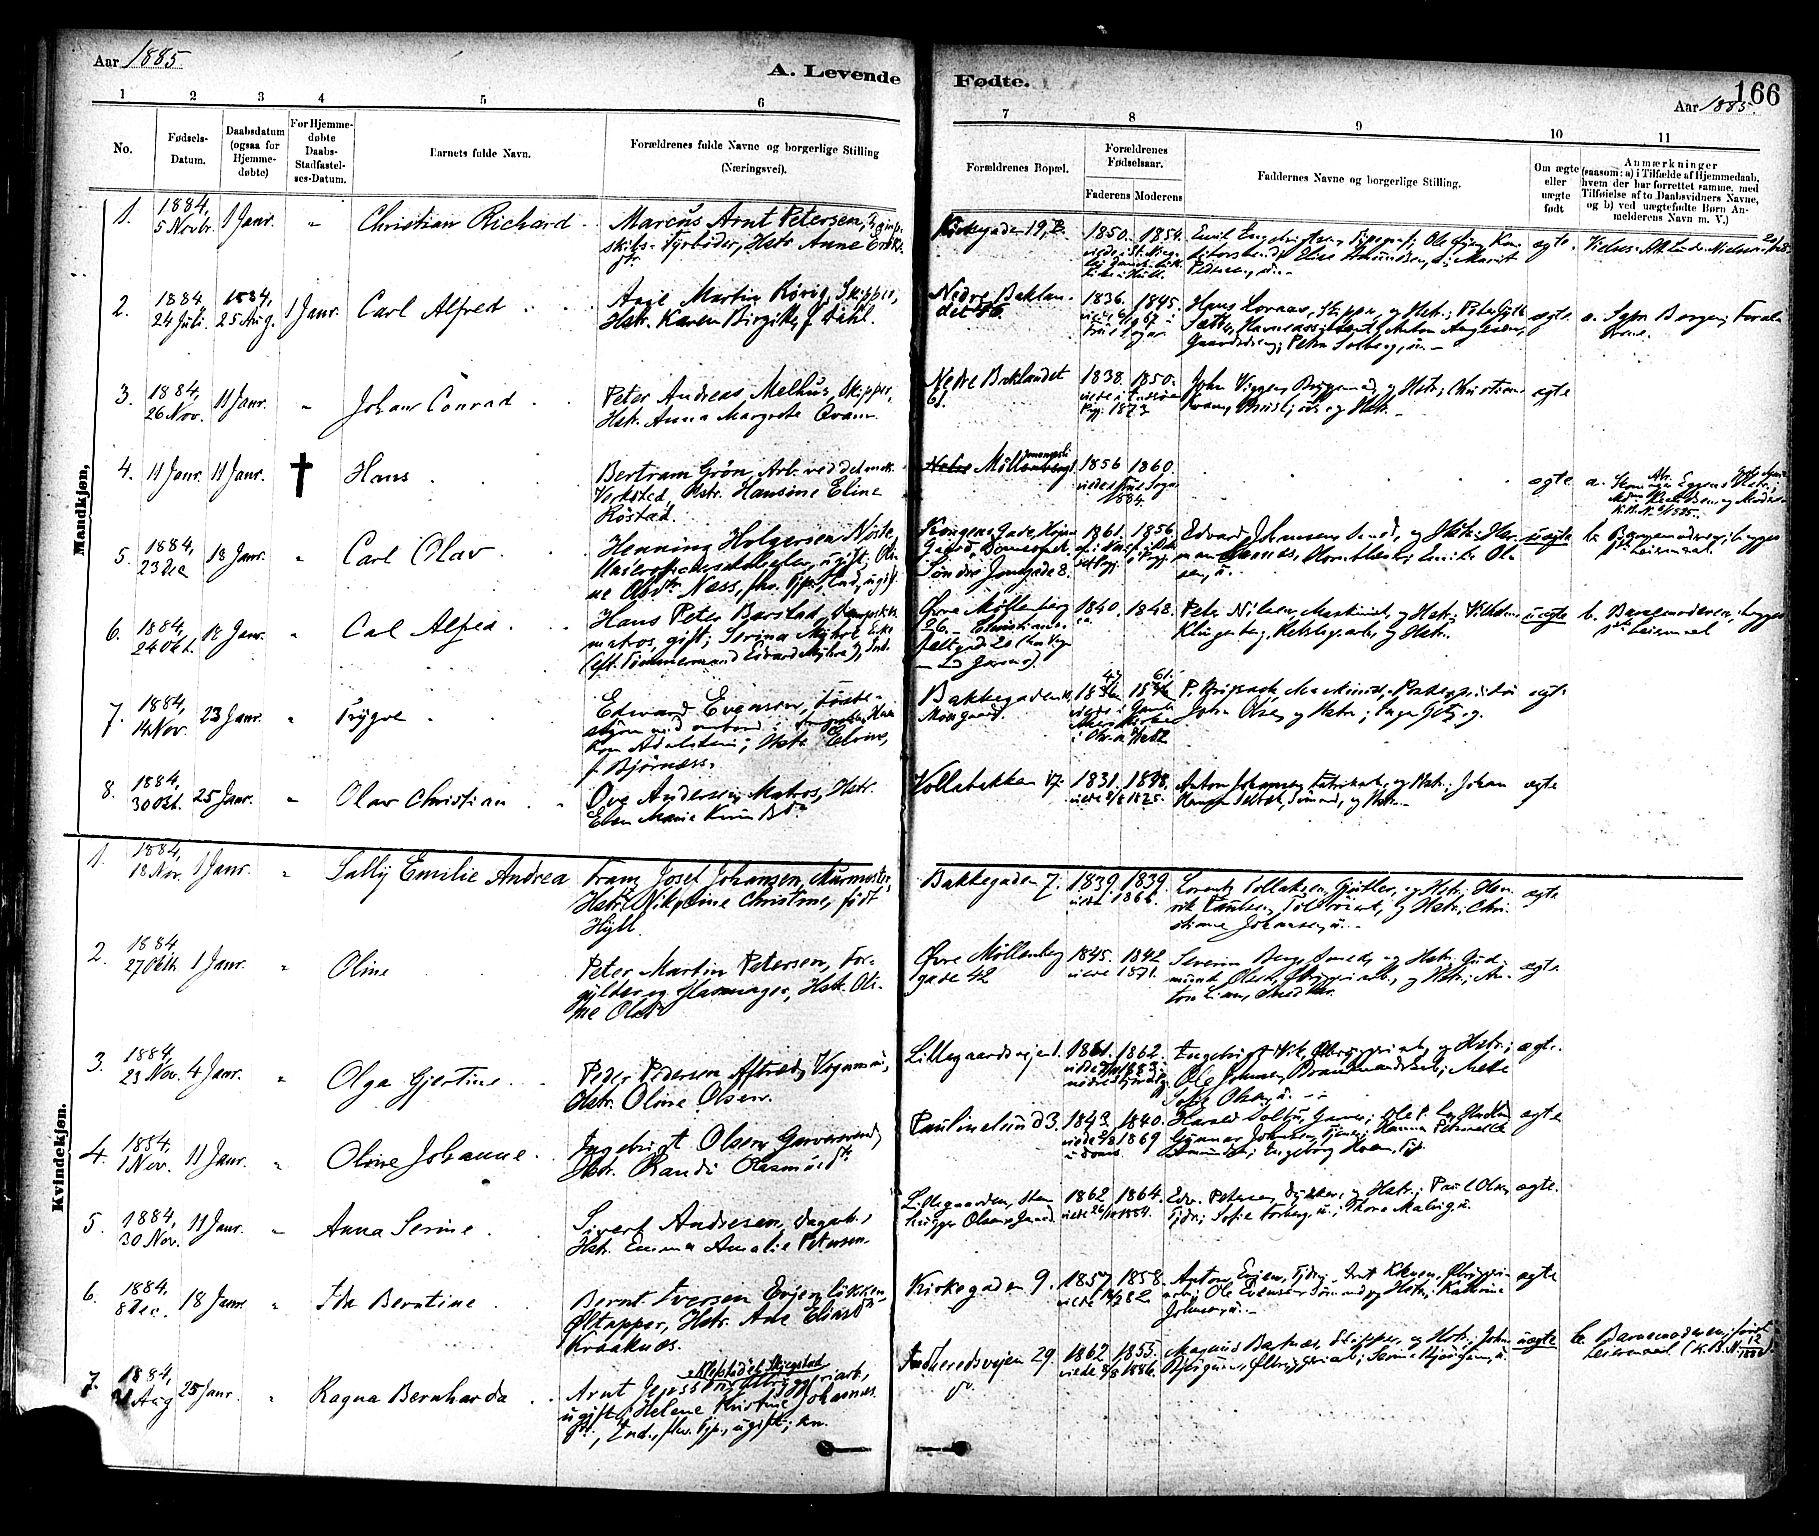 SAT, Ministerialprotokoller, klokkerbøker og fødselsregistre - Sør-Trøndelag, 604/L0188: Ministerialbok nr. 604A09, 1878-1892, s. 166